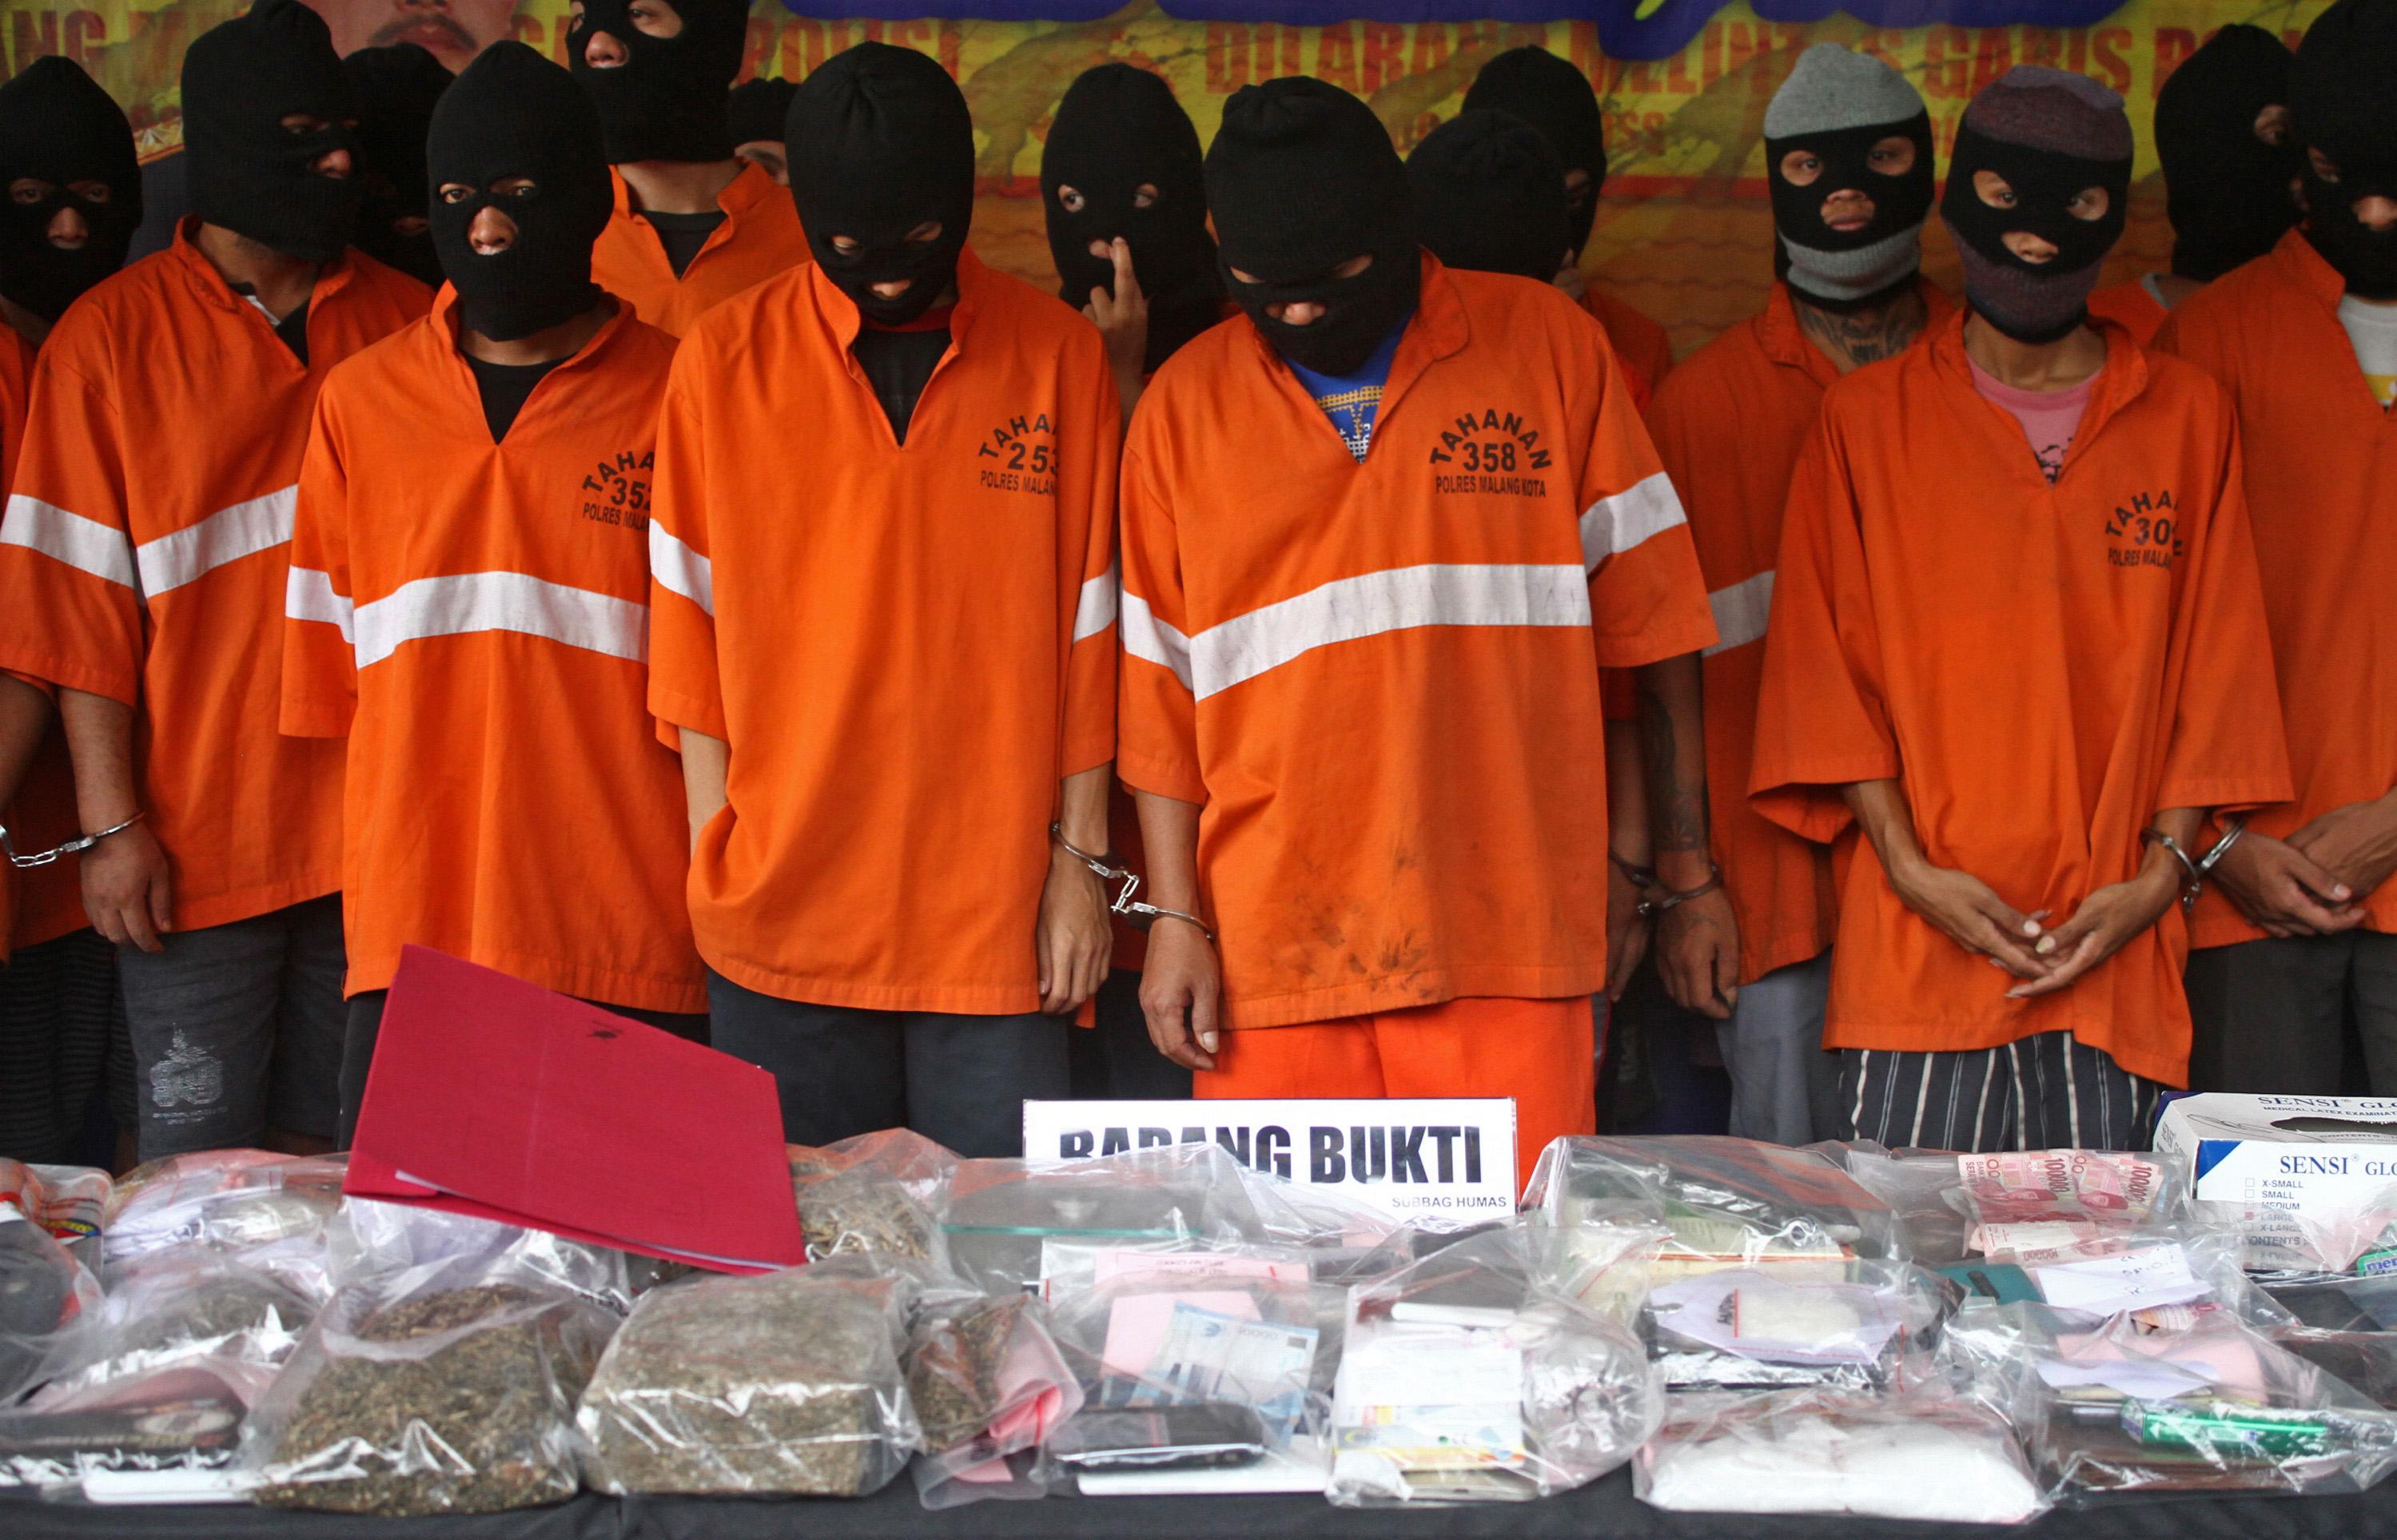 Sejumlah tersangka pengedar dan pemakai narkoba ditunjukkan di Mapolresta Malang, Jawa Timur, pada 28 Januari 2016. Foto oleh Ari Bowo Sucipto